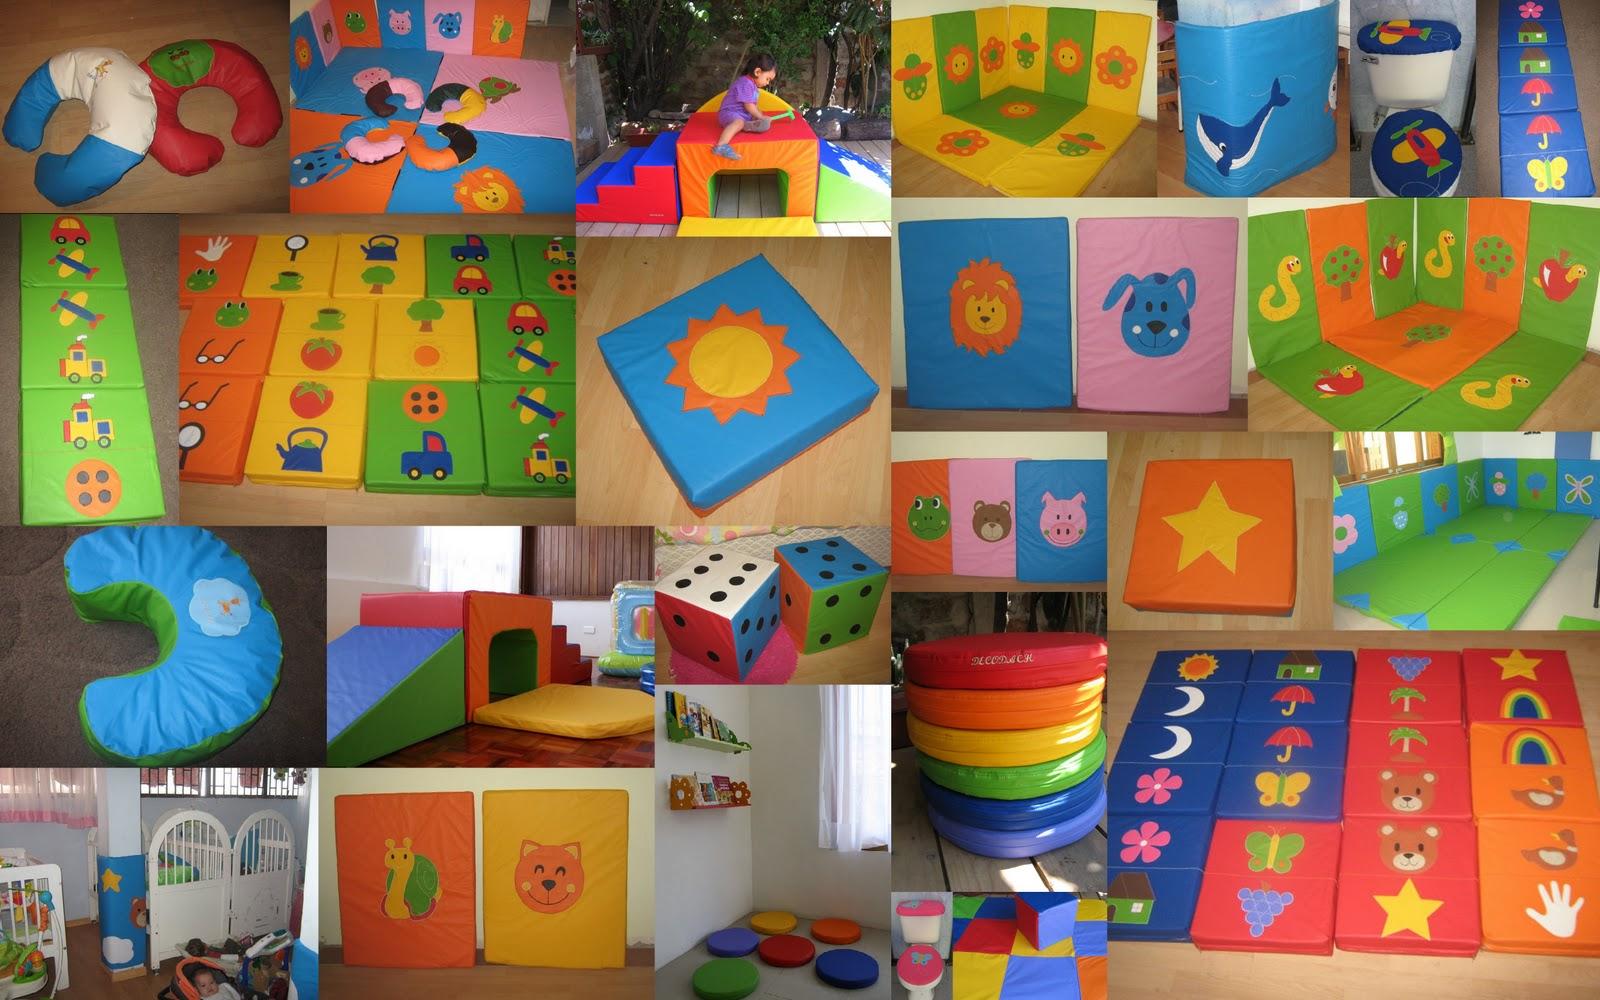 Decoraciones decodach marzo 2011 for Juegos para nios jardin de infantes